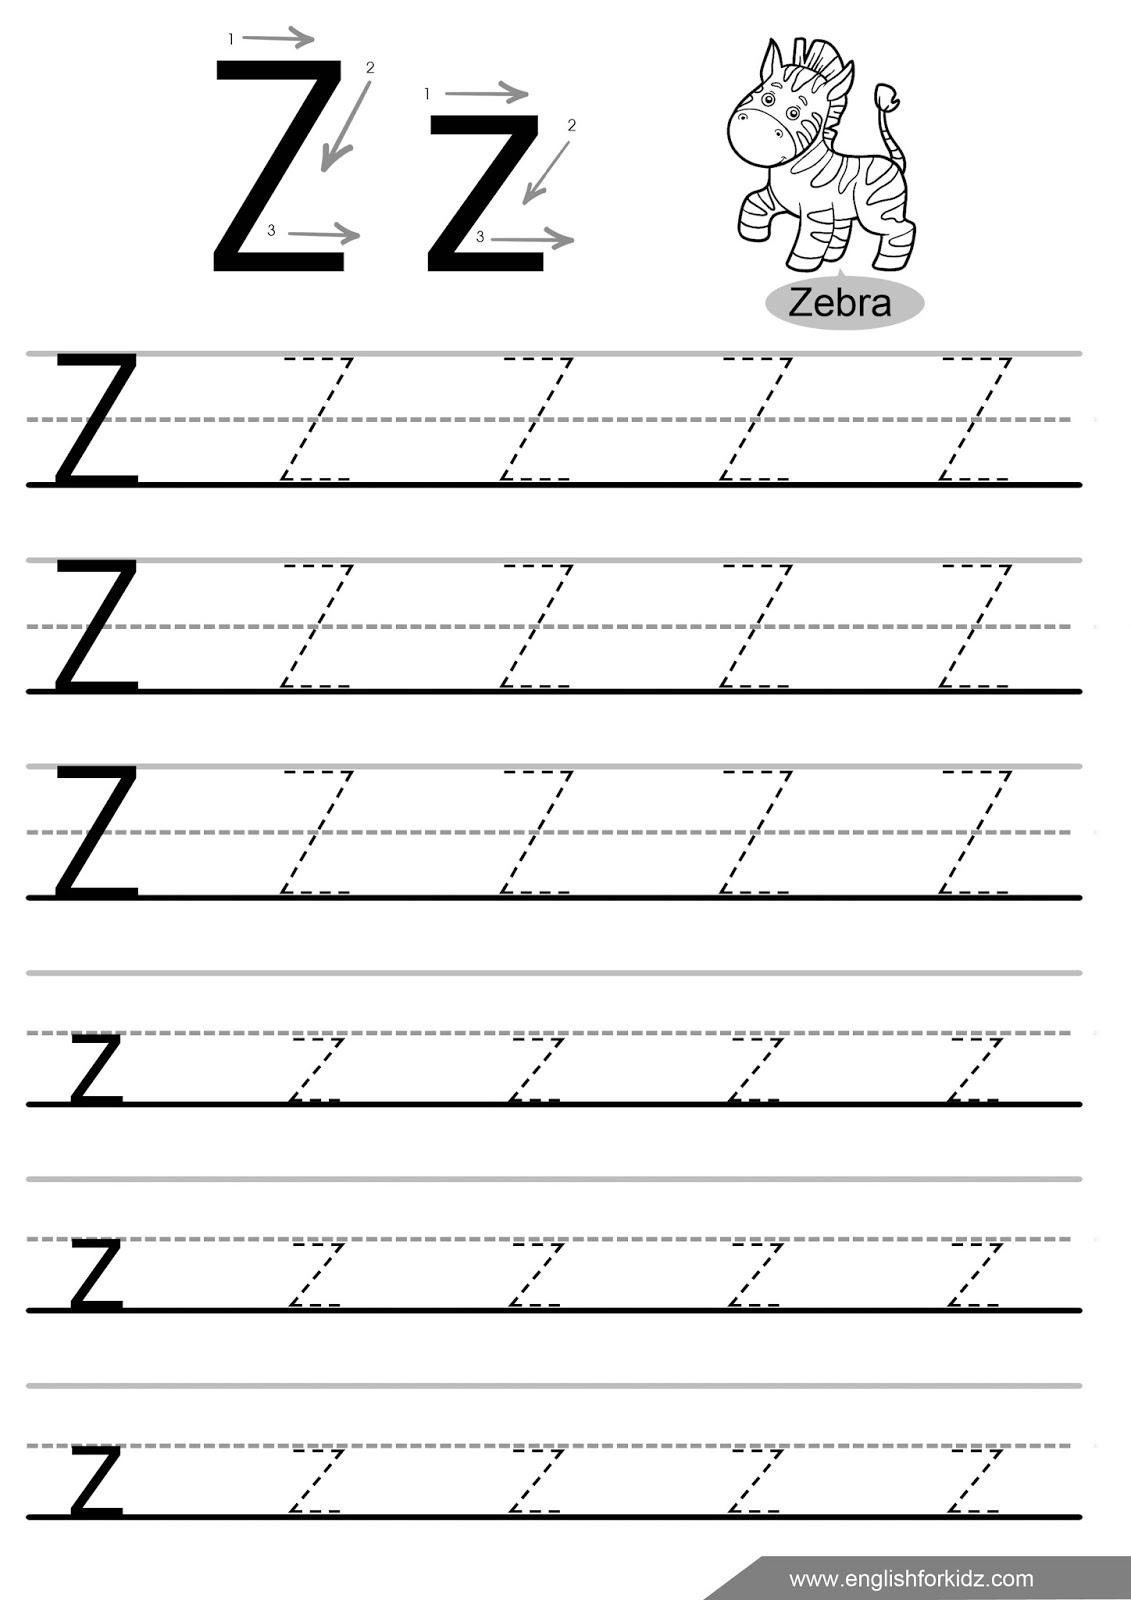 Letter Tracing Worksheets (Letters U - Z) regarding Letter Z Tracing Worksheets Preschool